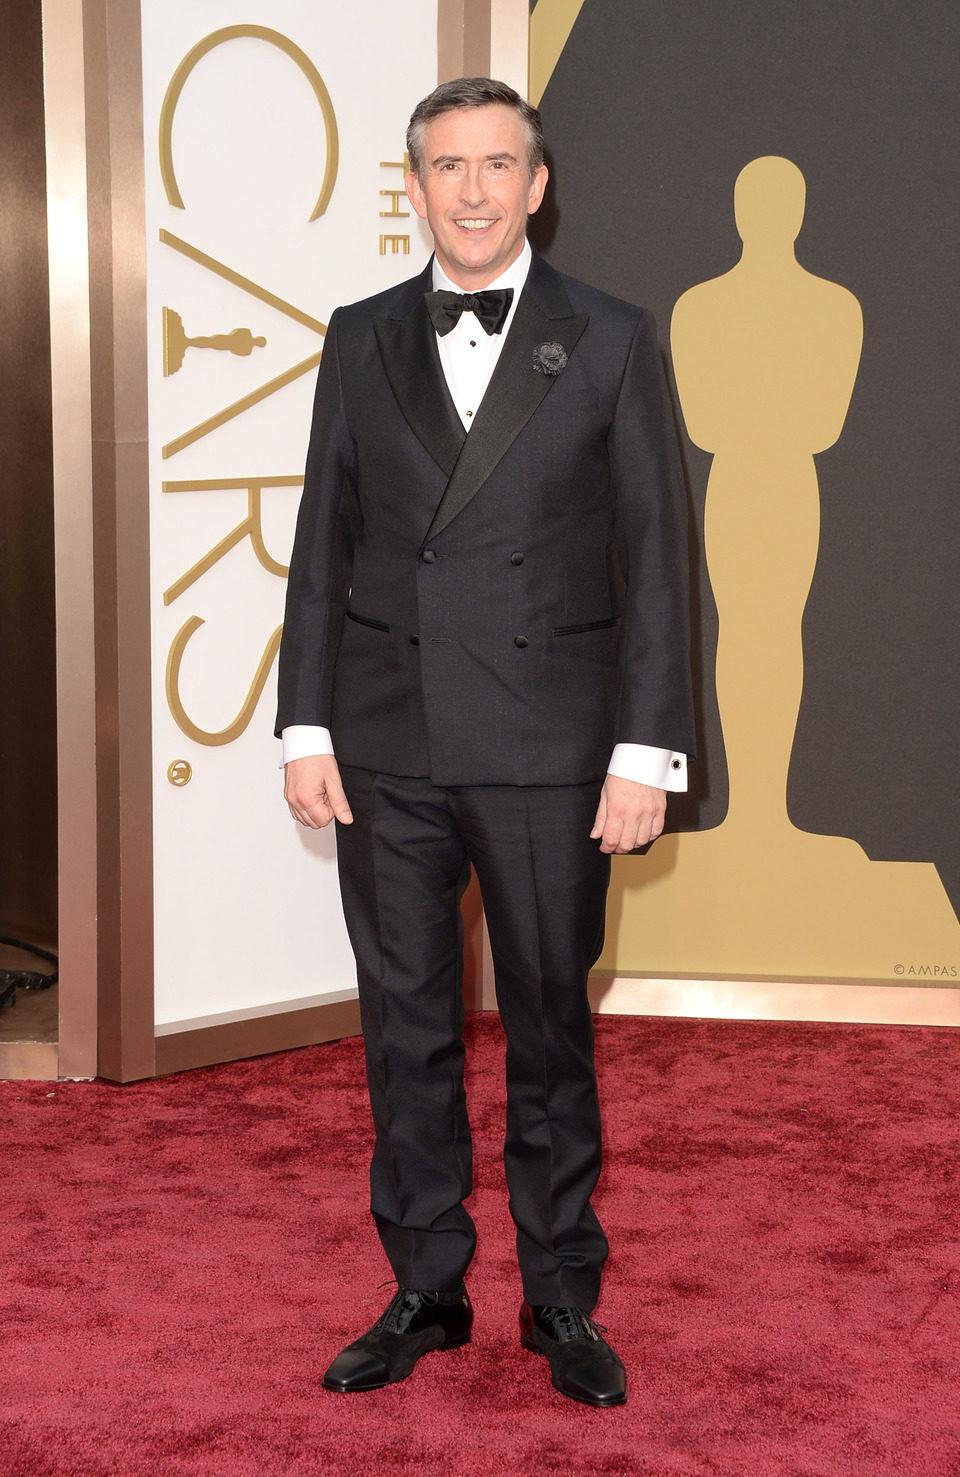 Steve Coogan at the 2014 Oscars